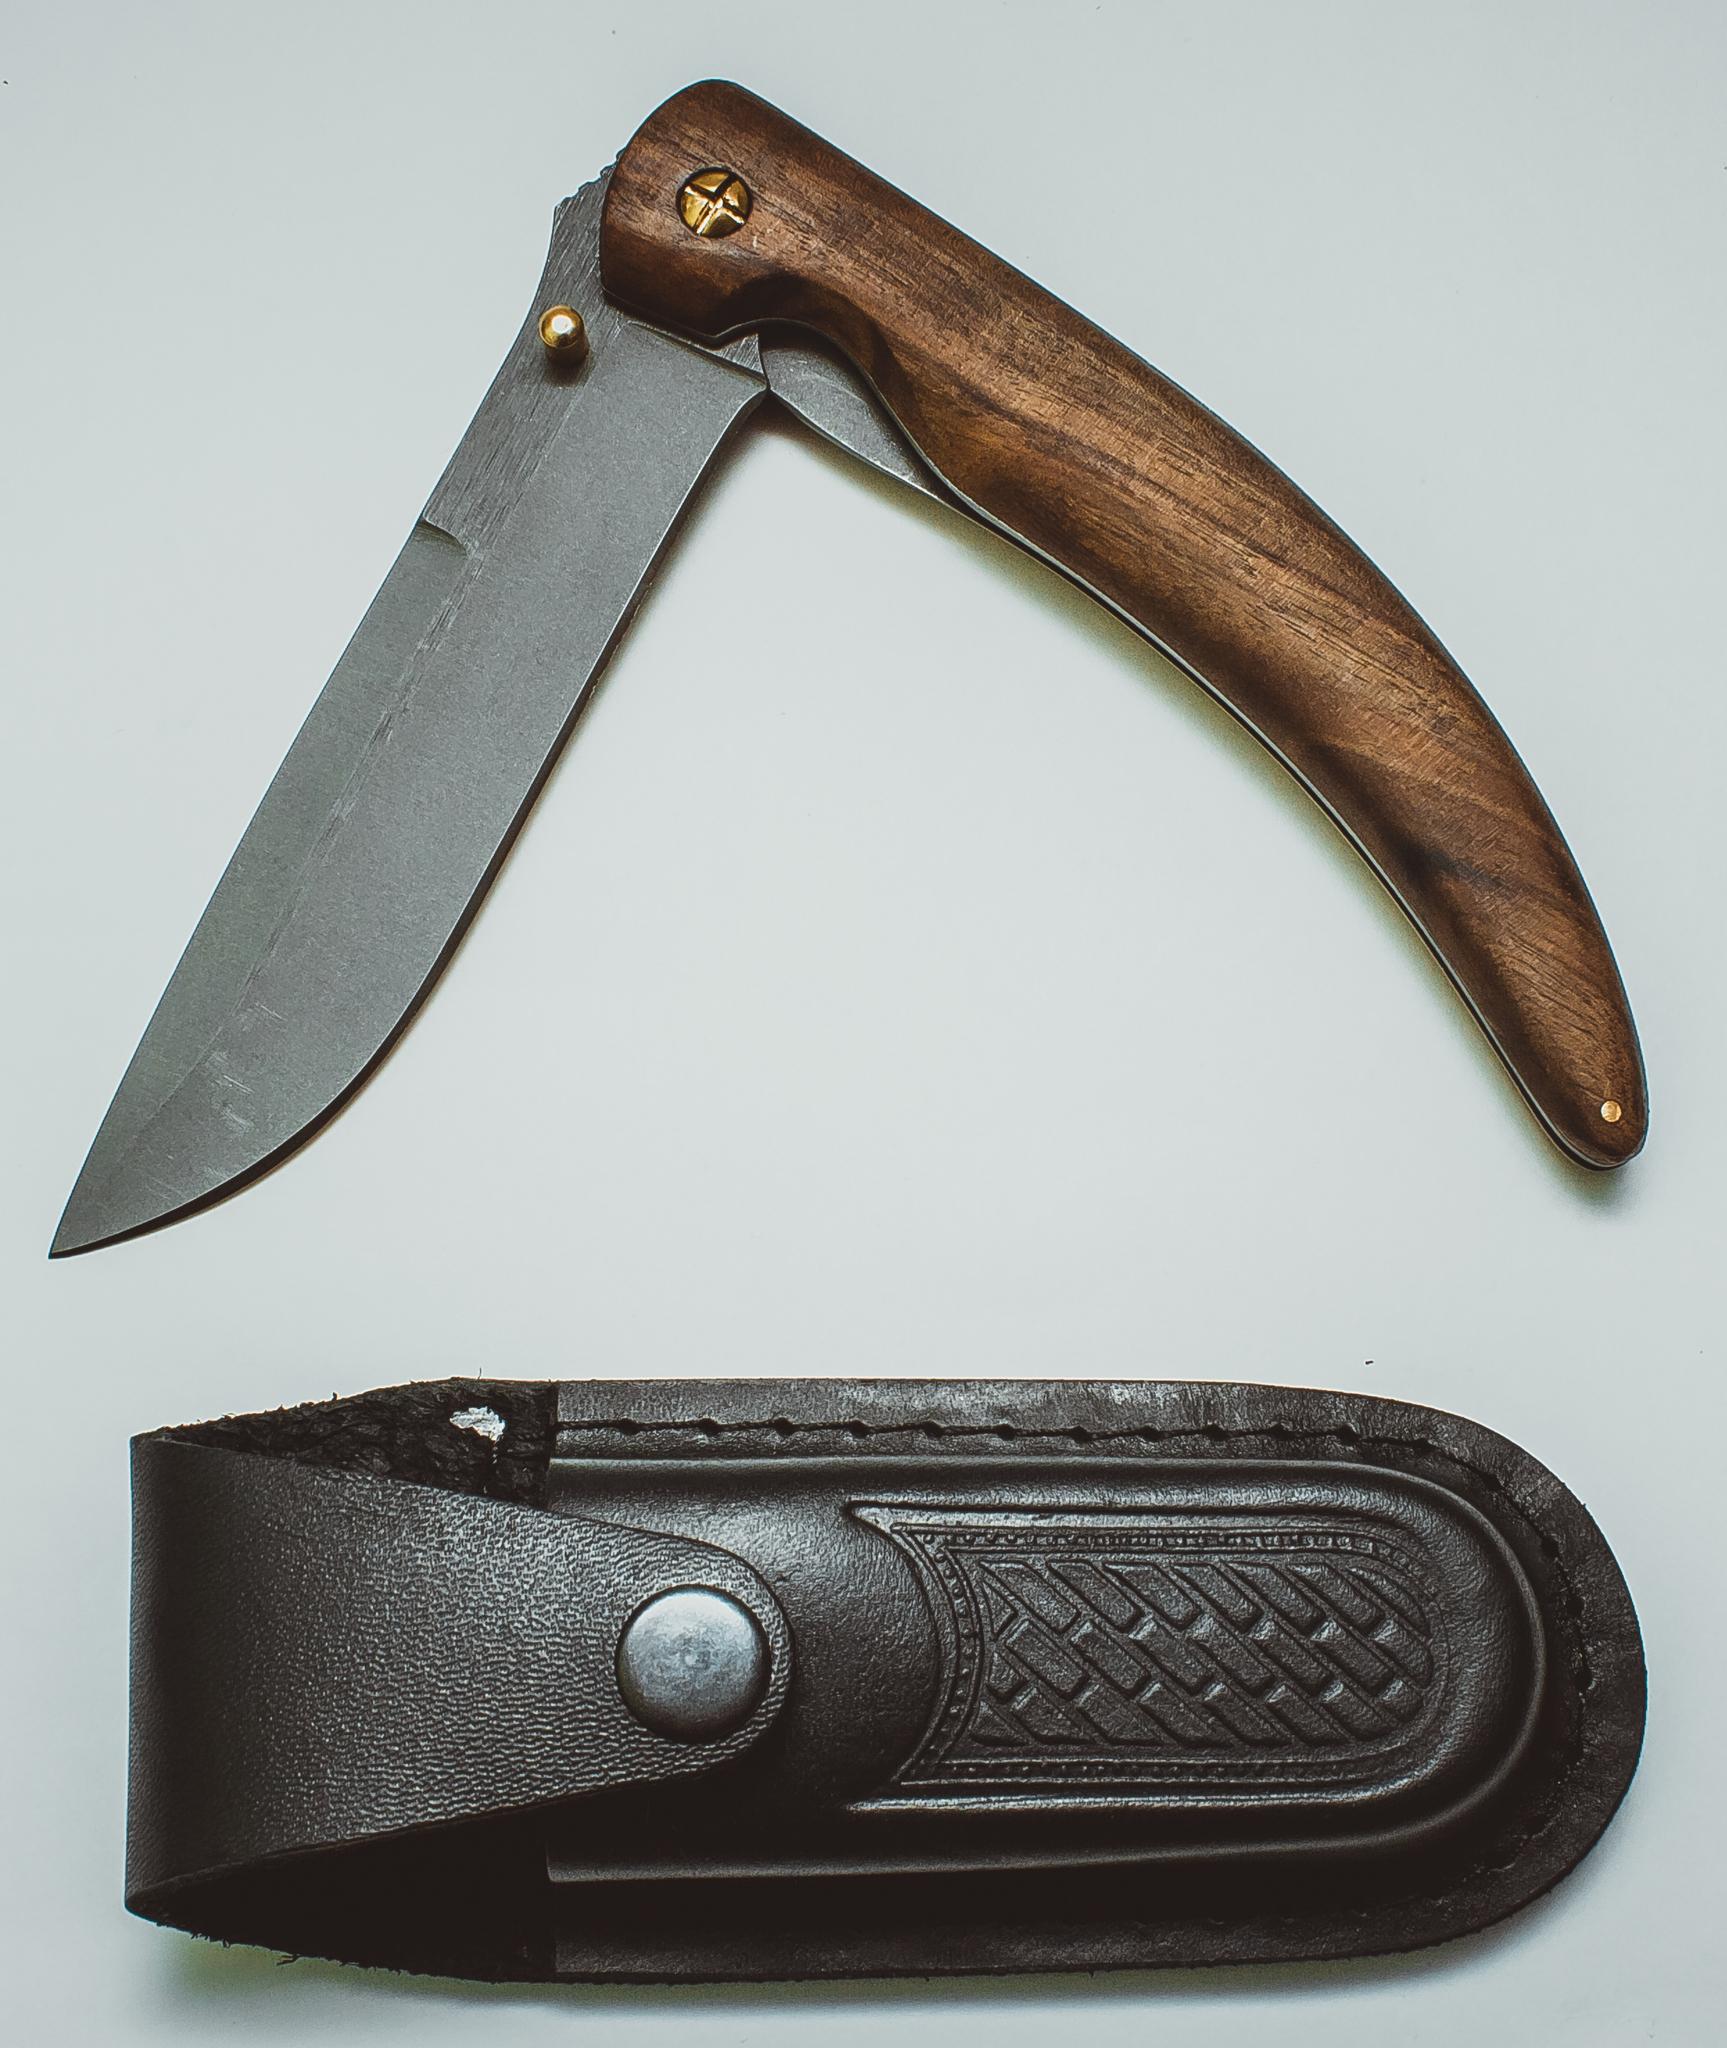 Складной нож Нарвал, сталь 95х18, орехРаскладные ножи<br>Клинок того ножа может использоватьс дл решени разнообразных задач, с которыми человеку приходитс сталкиватьс как в городе, так и в природе. Можно сказать, что нож «Нарвал» многофункционален и универсален. Таким ножом удобно пользоватьс в процессе приготовлени пищи. Нож можно использовать дл разделки и свежевани небольшой дичи. К тому же, тот нож просто красив и его притно показать друзьм во врем вечерних посиделок. Чтобы ношение ножа не доставлло неудобств, в комплекте есть удобный чехол из натуральной кожи.<br>